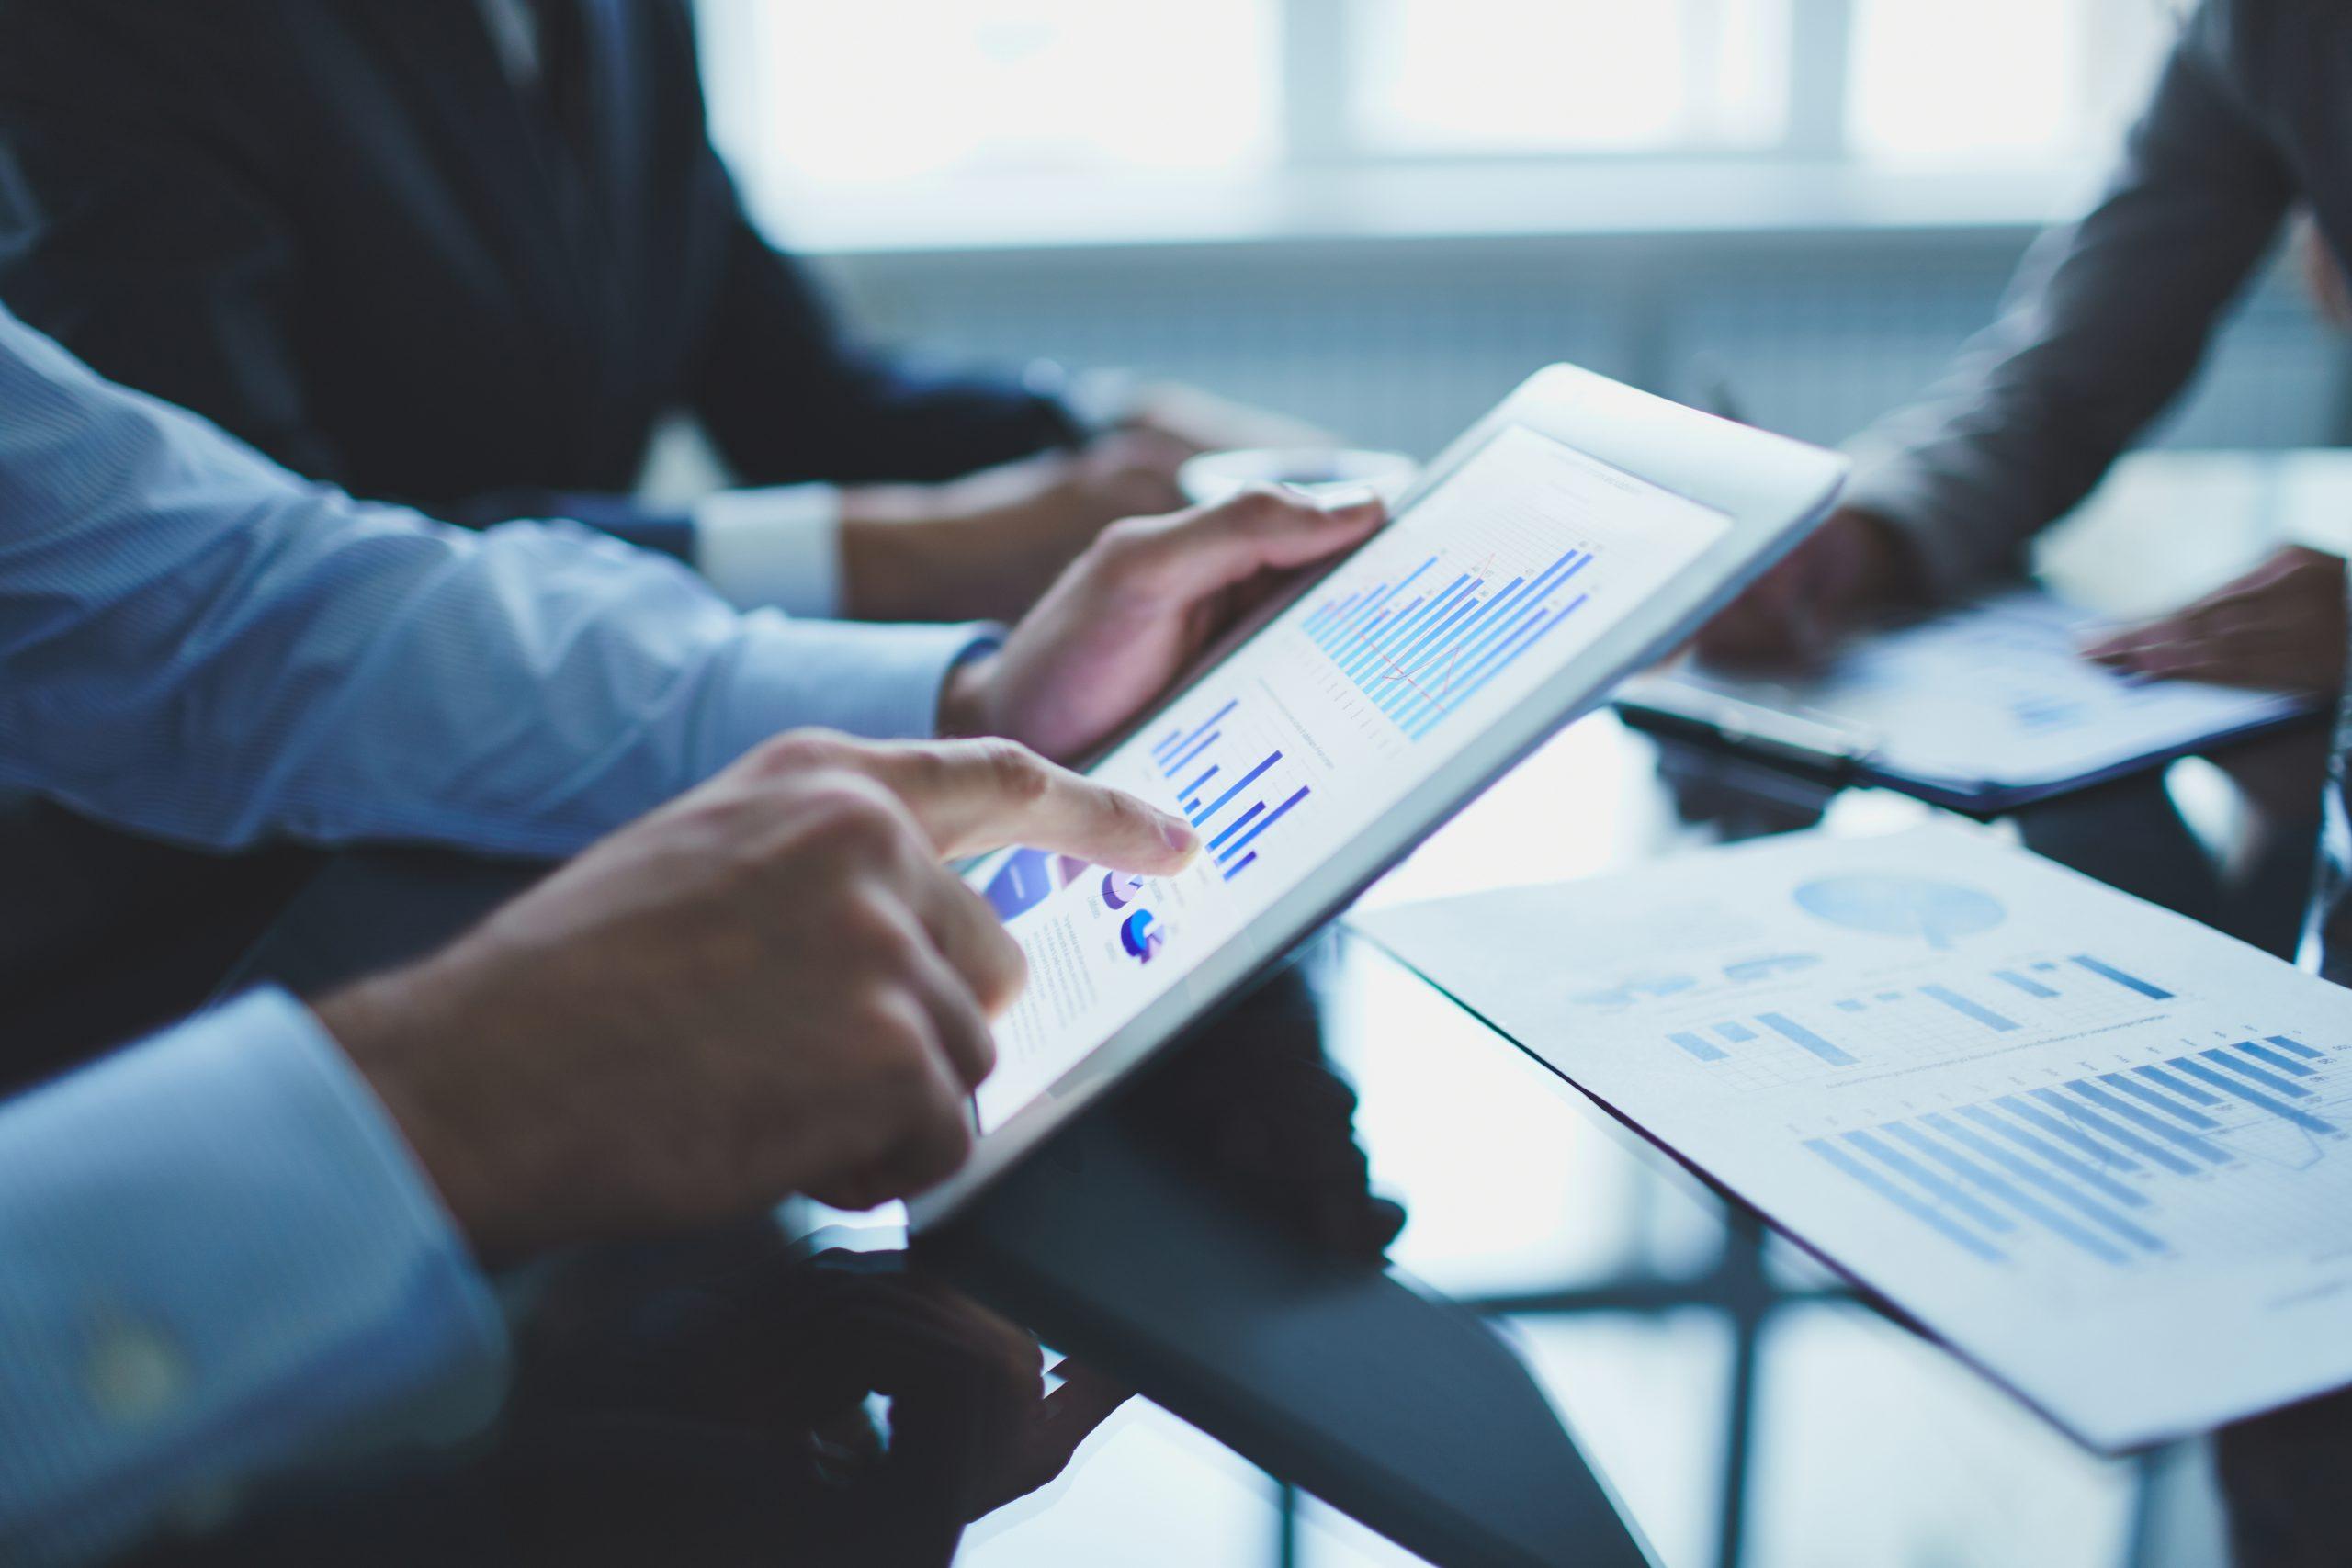 Investimento em empresas estrangeiras: ações ou BDRs?